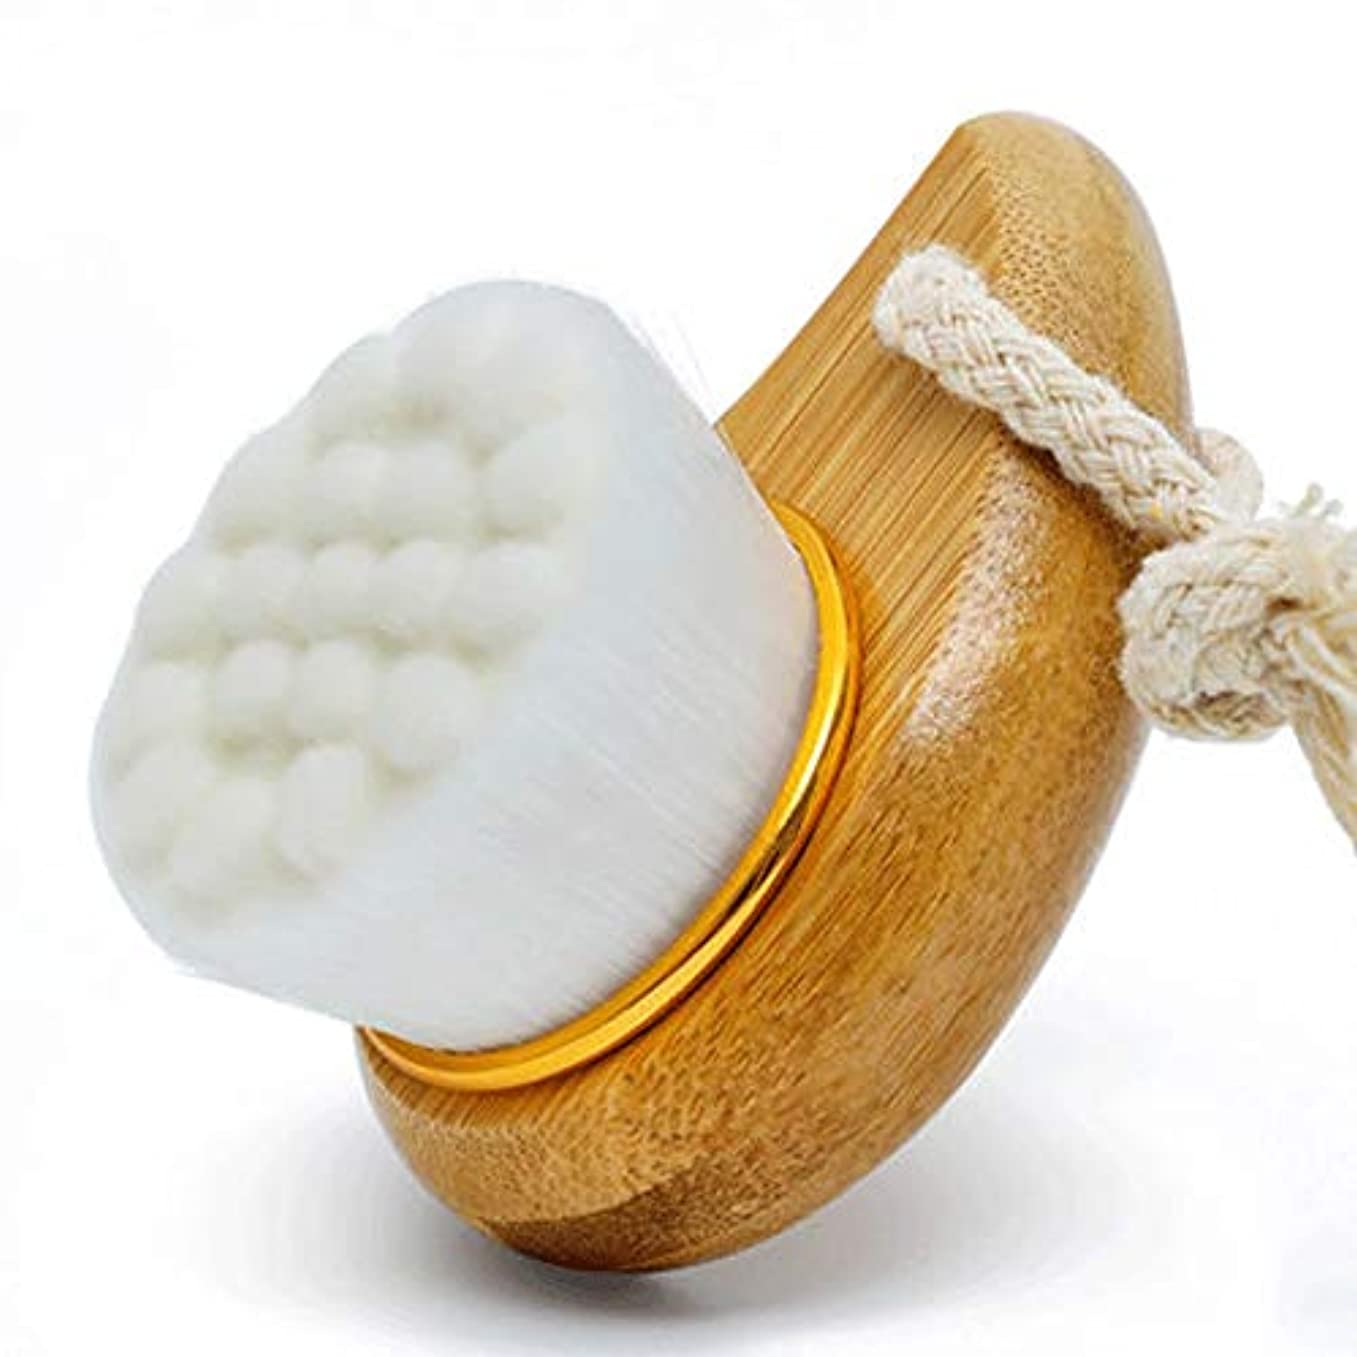 差別化するそれる放課後HEHUIHUI- クレンジングブラシ、防水ディープクレンジングポア、電気剥離、にきび、アンチエイジングクレンジングブラシ(ホワイト) (Color : White)